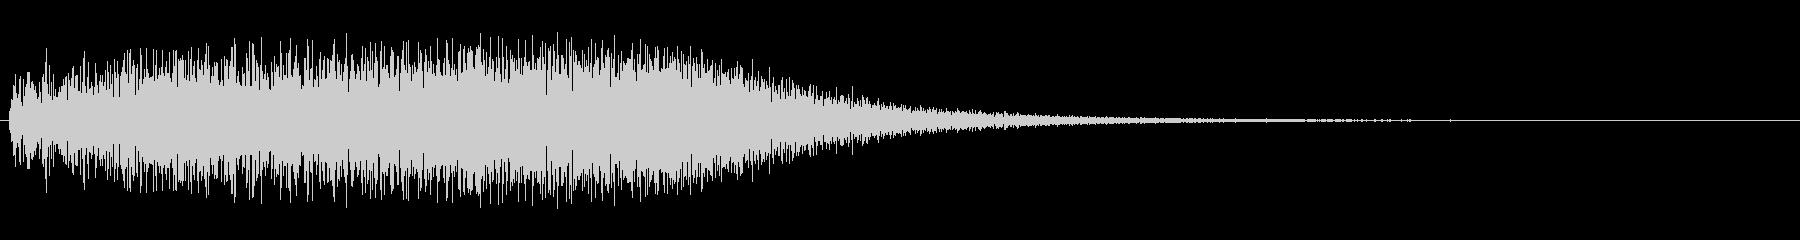 ビブラフォン系アップ(ビブラ)の未再生の波形